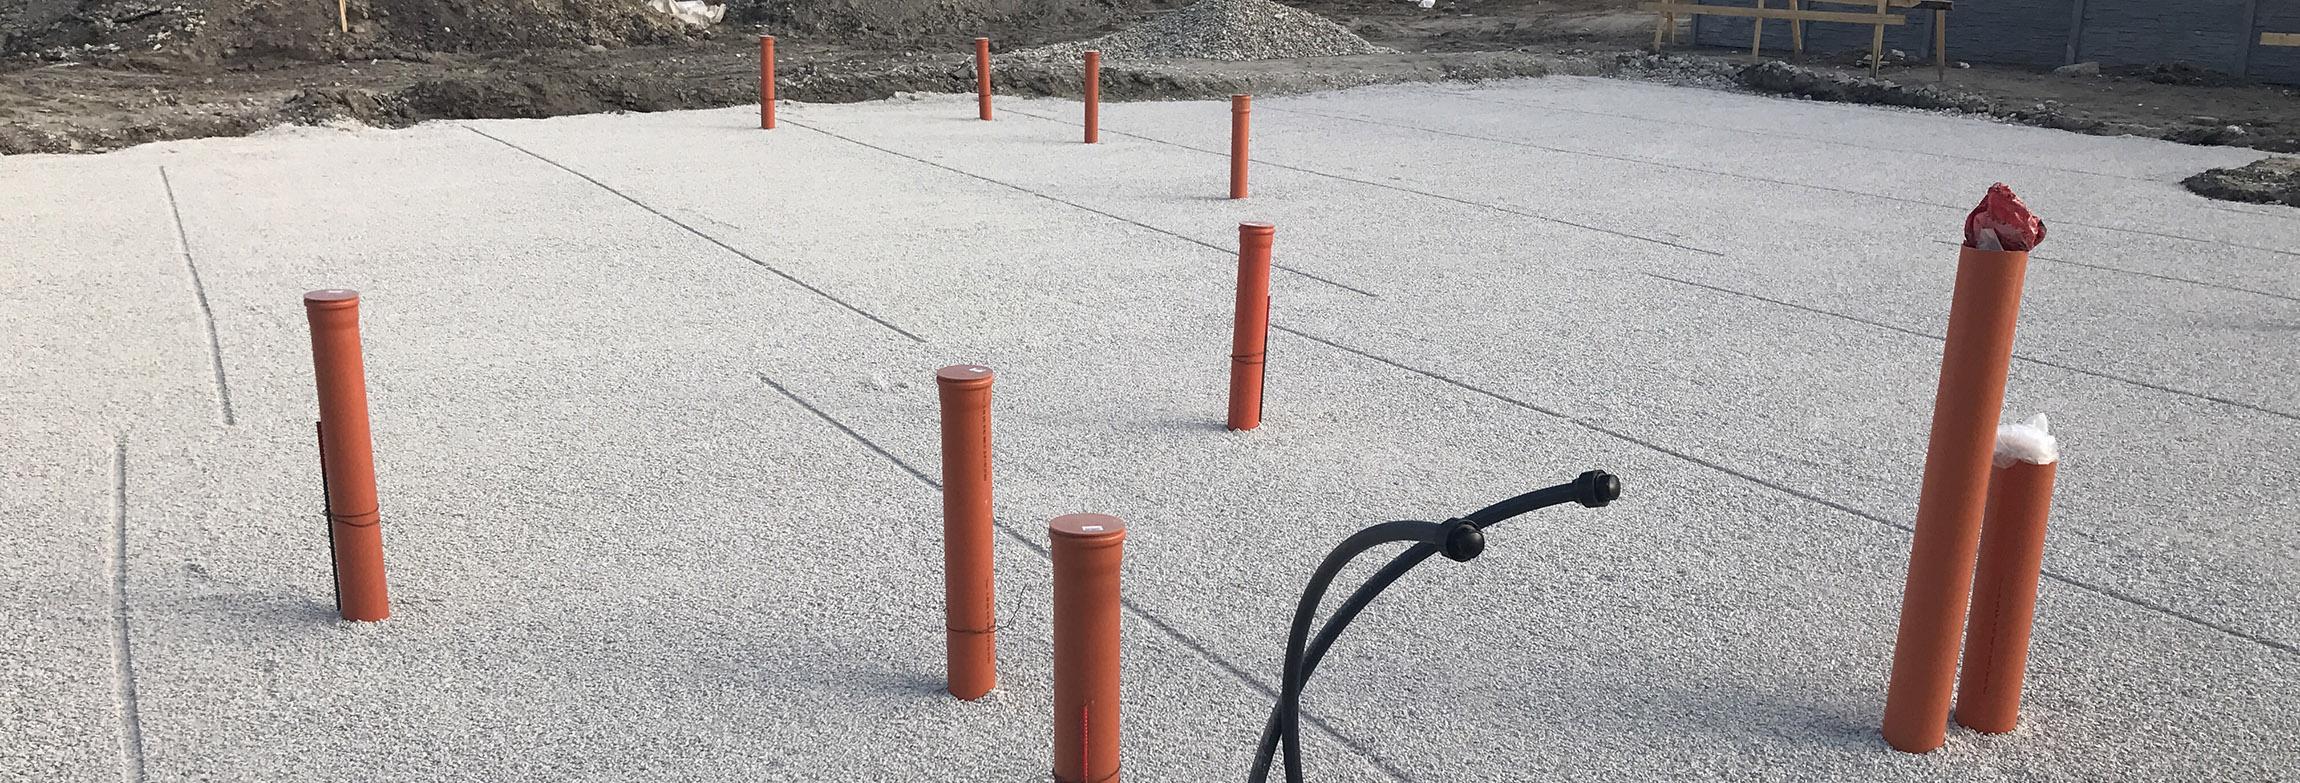 Polystyrénové tvárnice pre nízkoenergetické a pasívne budovy.